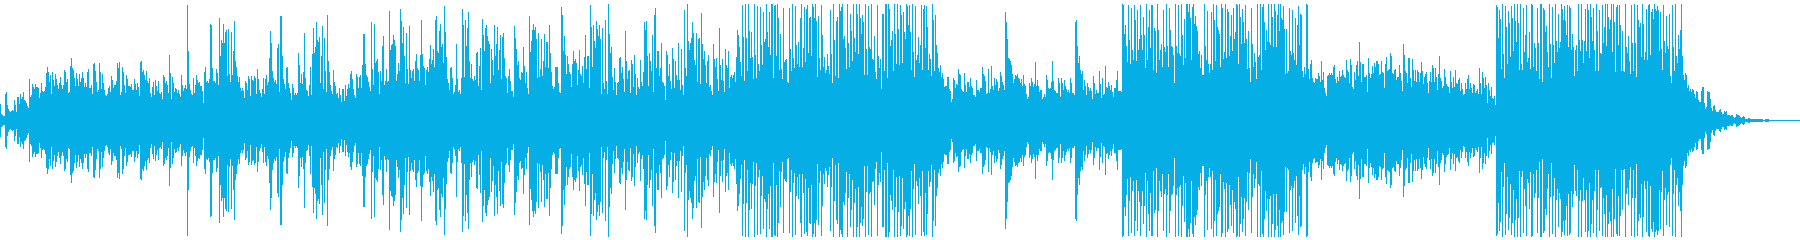 ボイスパーカッションとベルの幻想的な曲の再生済みの波形